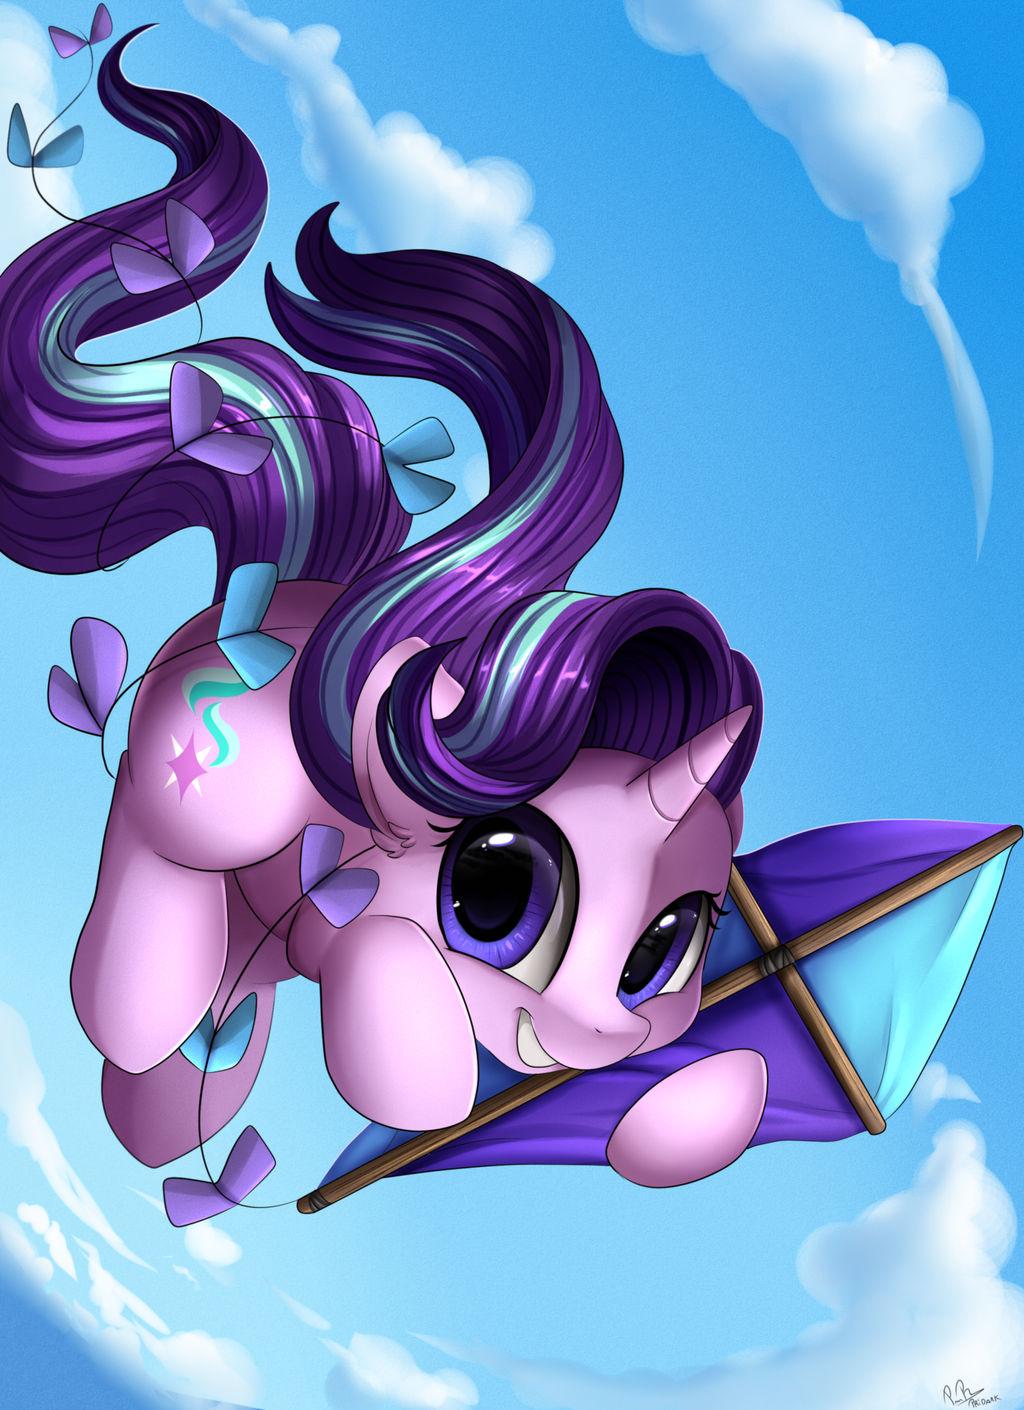 I Really like Kites